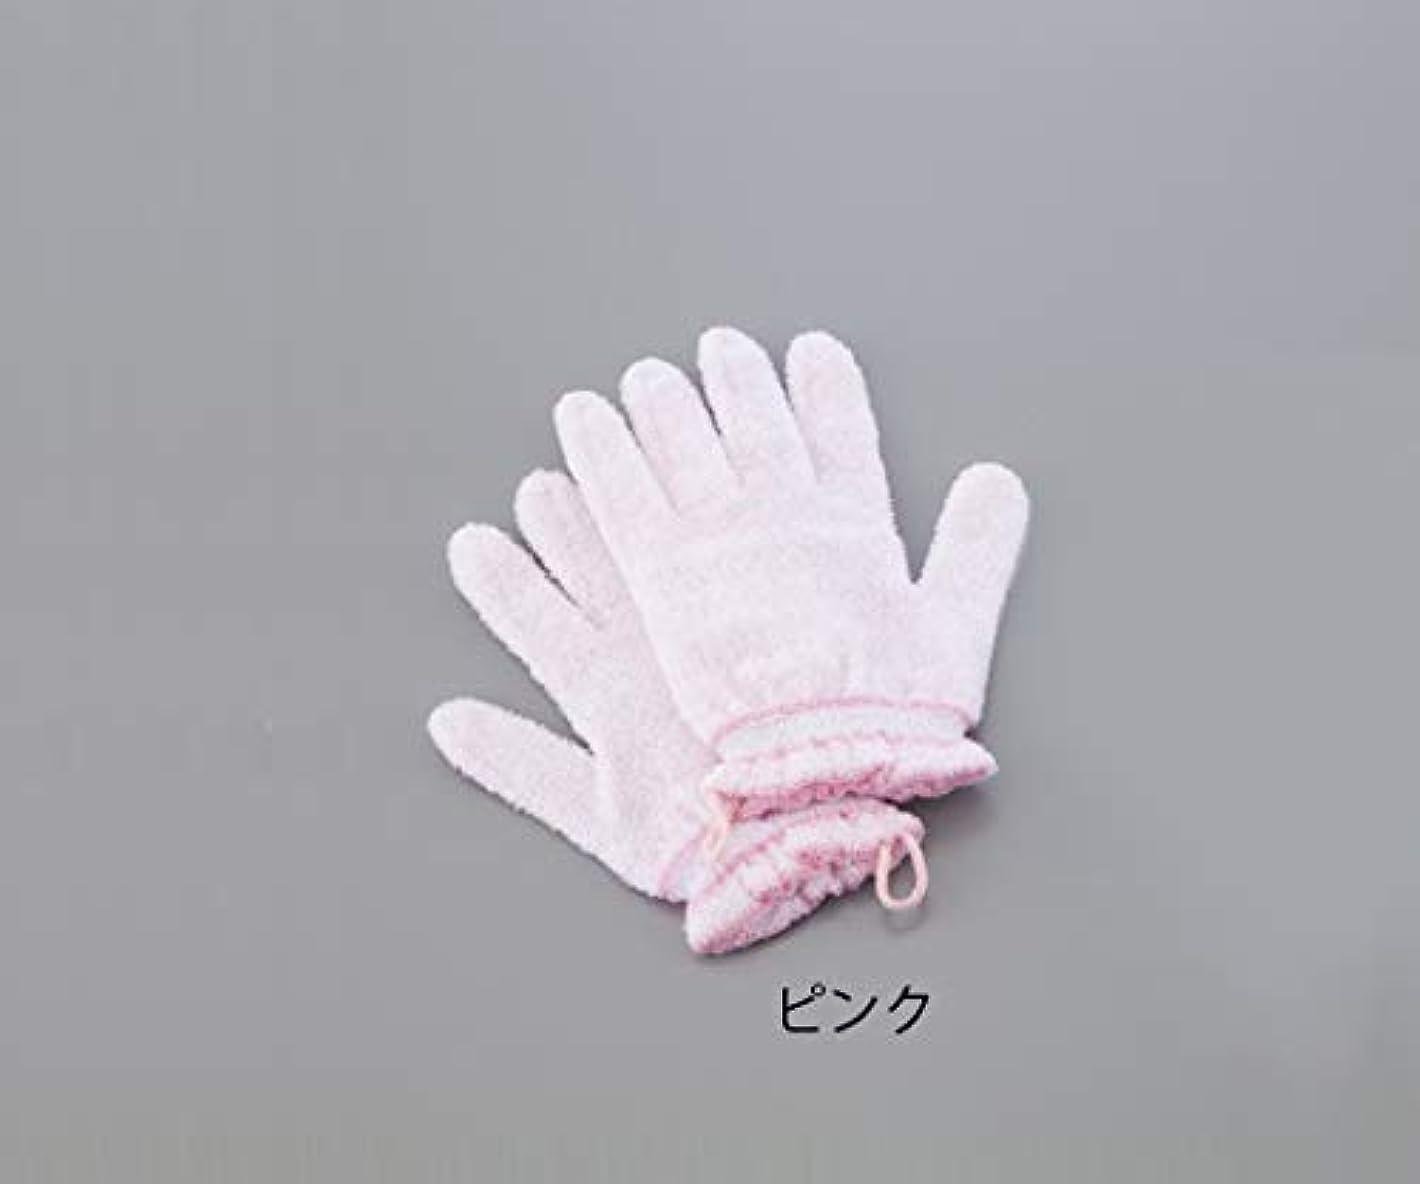 言語学ハンサム所持0-4015-01浴用手袋(やさしい手)ピンク